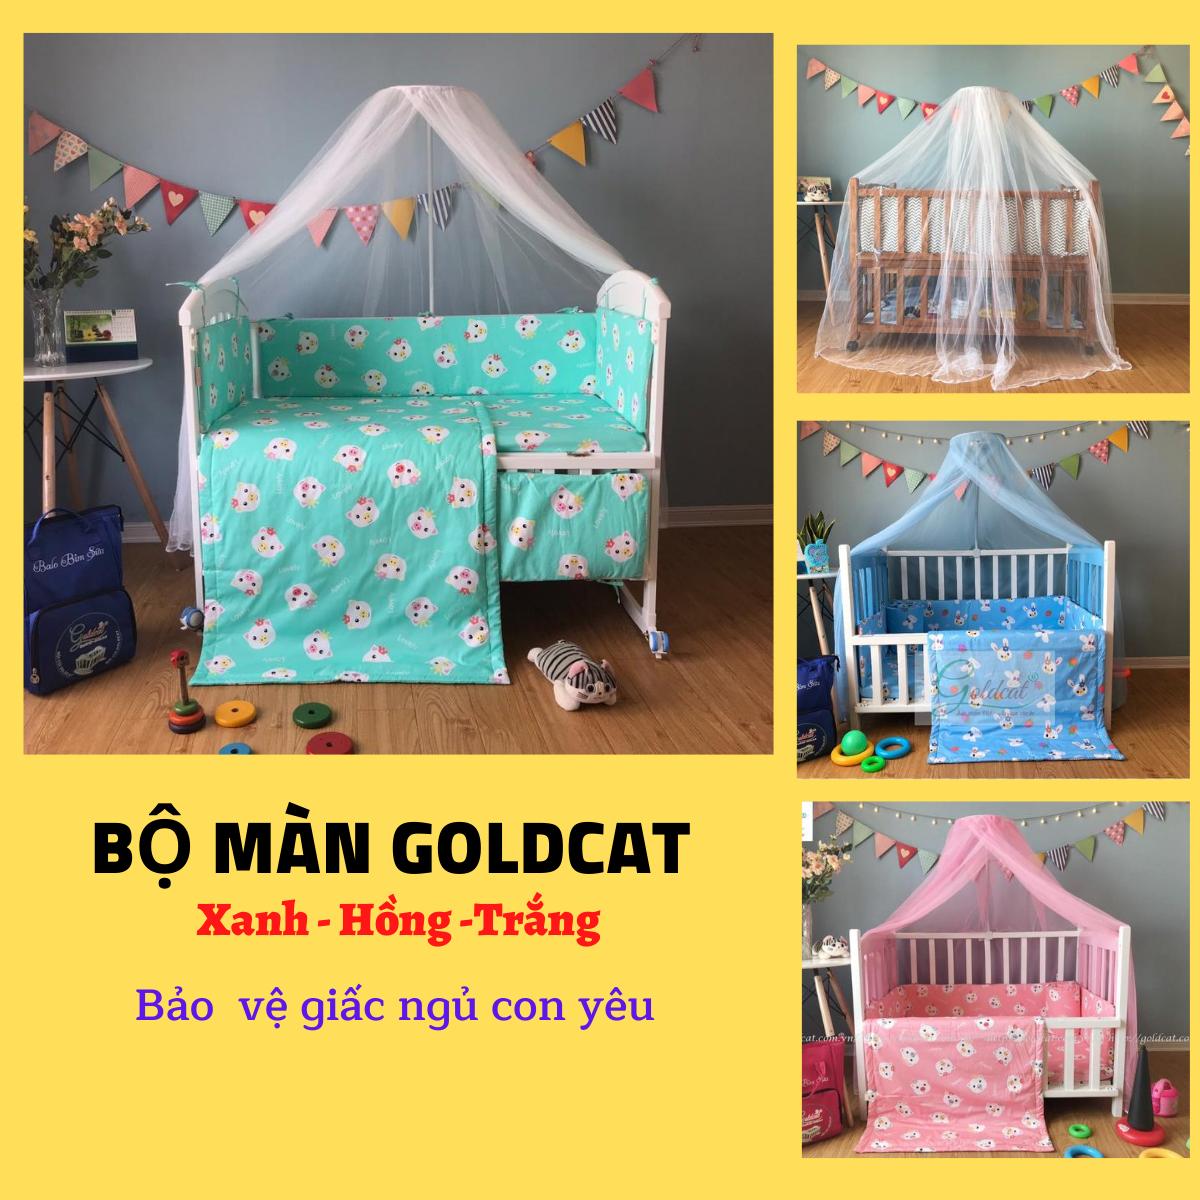 Màn cho bé-Bộ màn và cây treo Goldcat ( xanh-hồng- trắng)